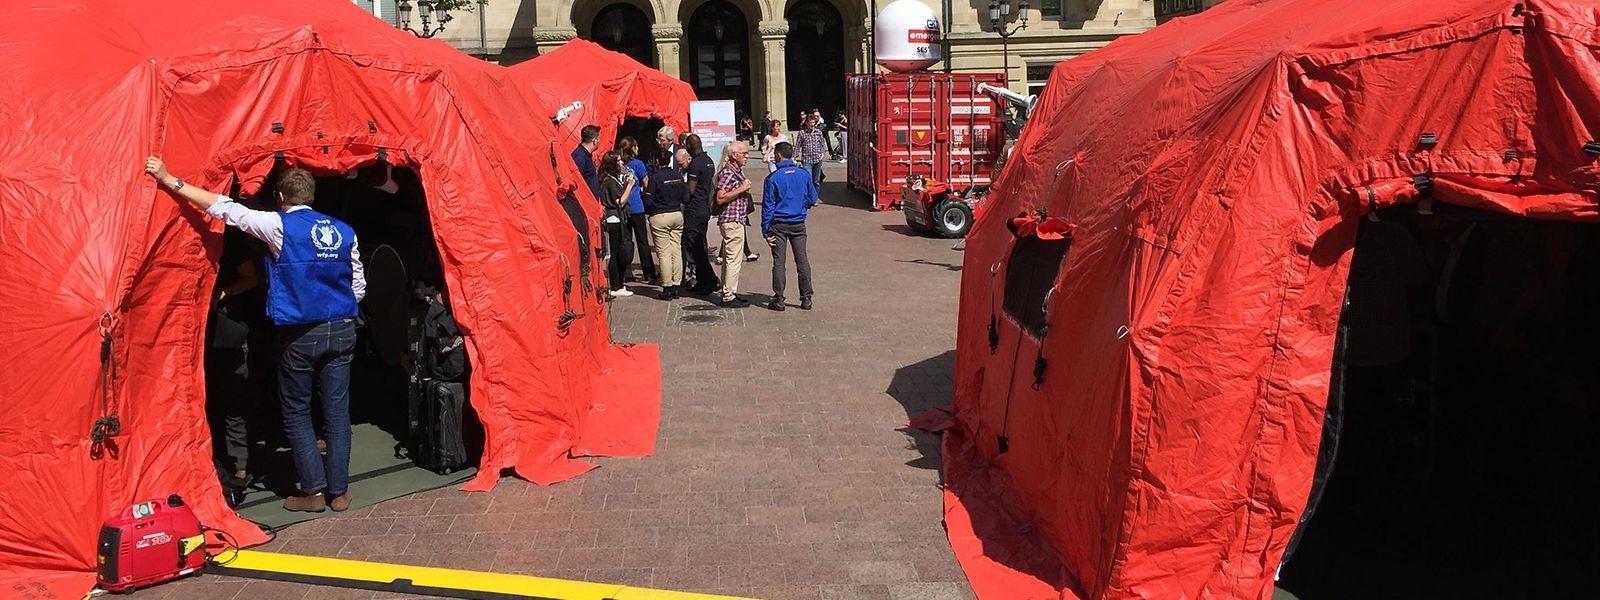 Les bénévoles de la plateforme emergency.lu ont monté leurs tentes et installé leur matériel sur la place d'Armes.